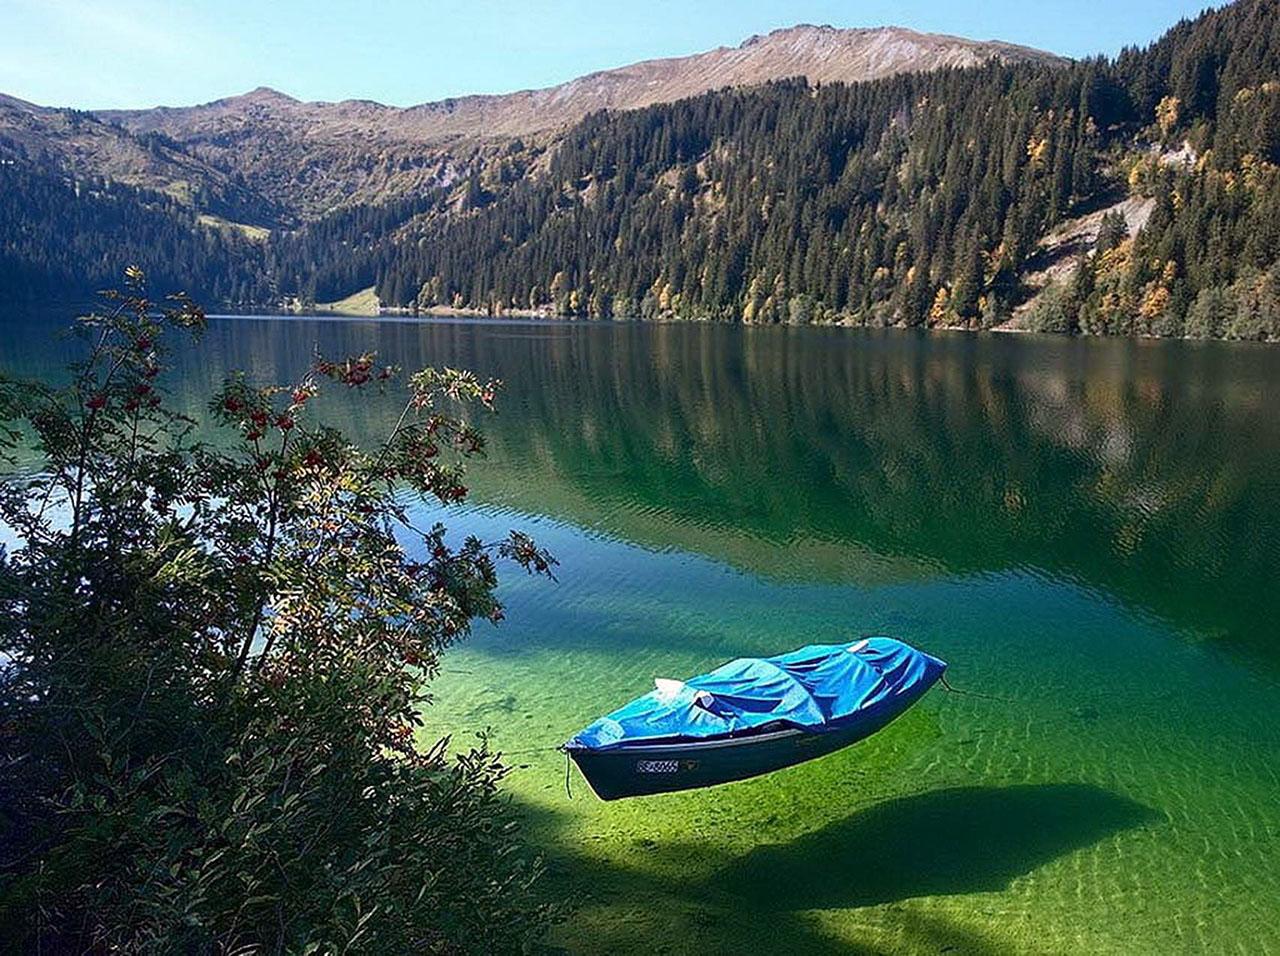 Aucun trucage dans ces photos incroyable du lac Grüner See Le-lac-Gruner-See-Etat-de-Styrie-Autriche-photo-10